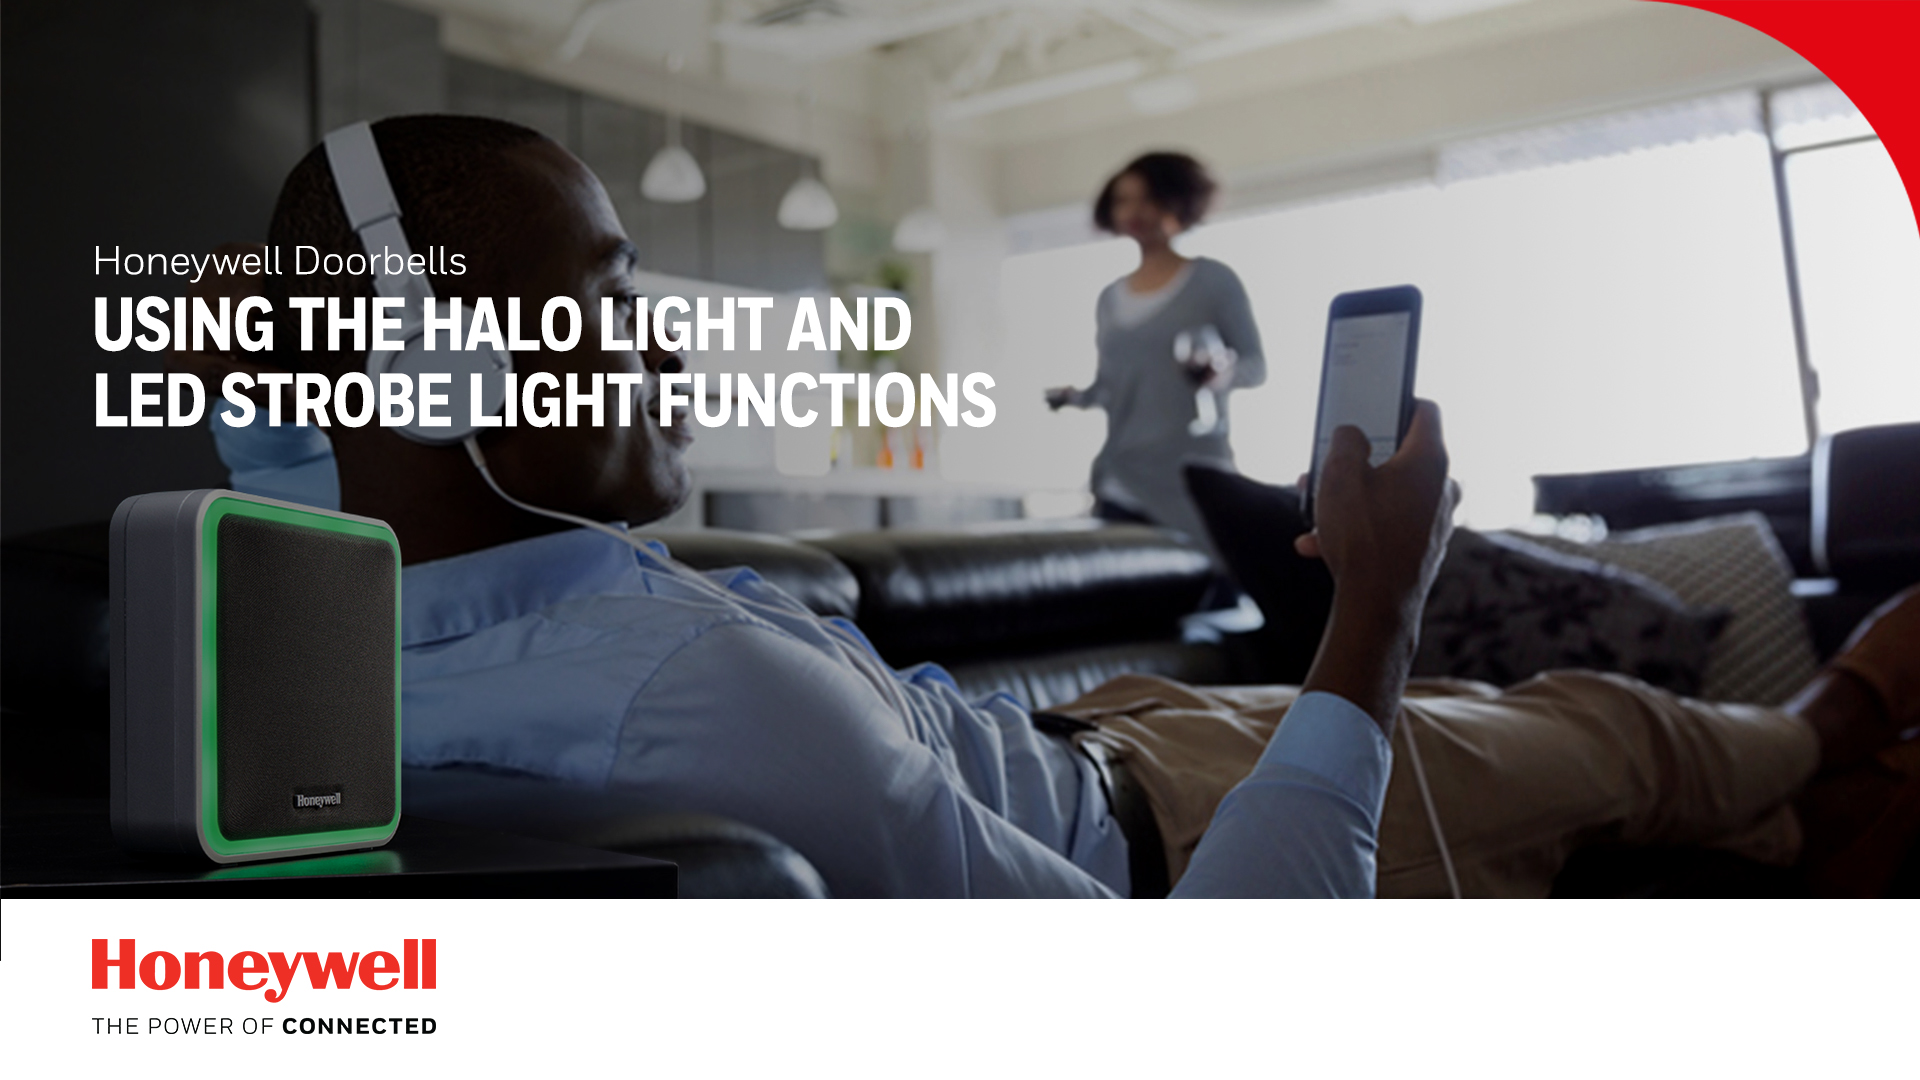 De Halo-verlichting en flitslamp gebruiken